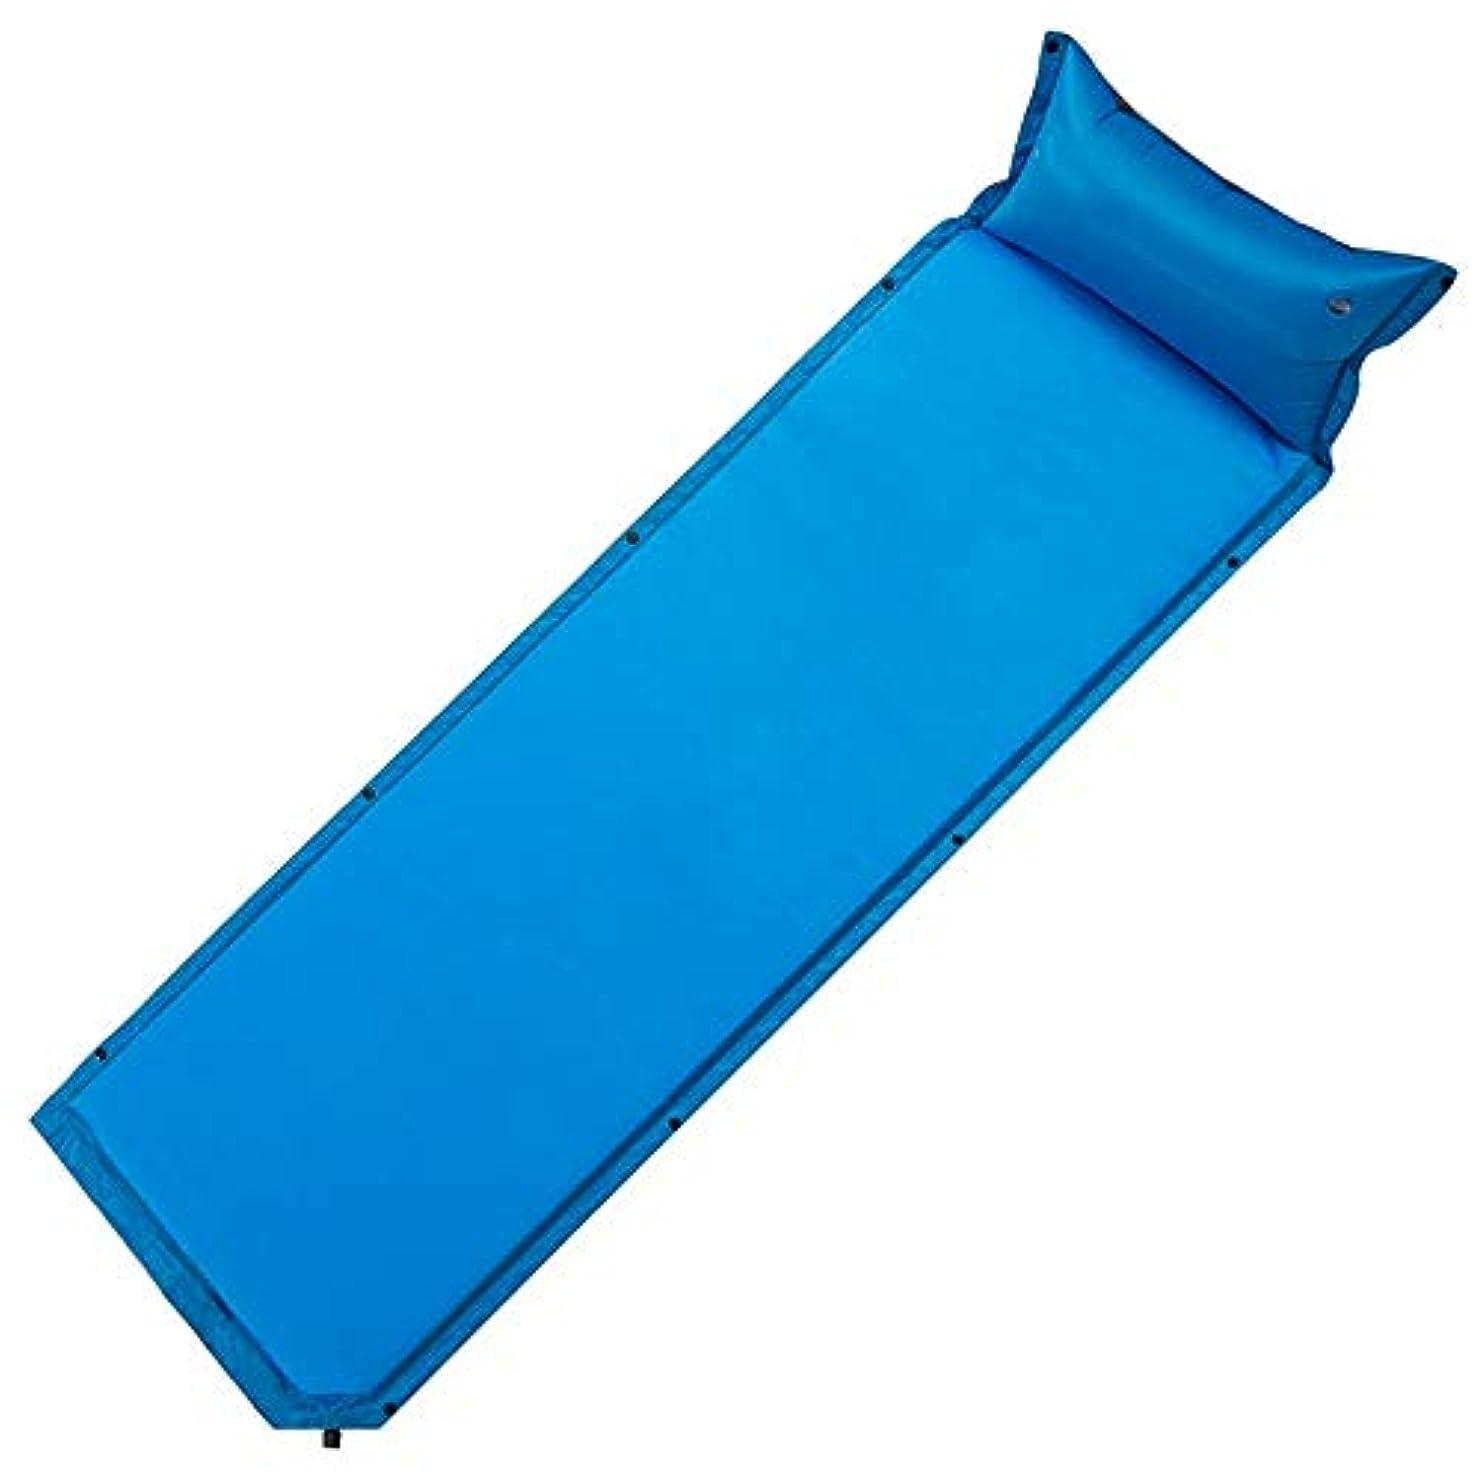 ライバル引き金スチュアート島寝袋マットレスキルトテント3シーズンキャンプブッシュ屋外屋外 スプライシングスリーピングパッド自動インフレータブルポータブル折りたたみ水分パッド折りたたみ後フラットで快適な 個別の選択は完了しました (色 : 青)